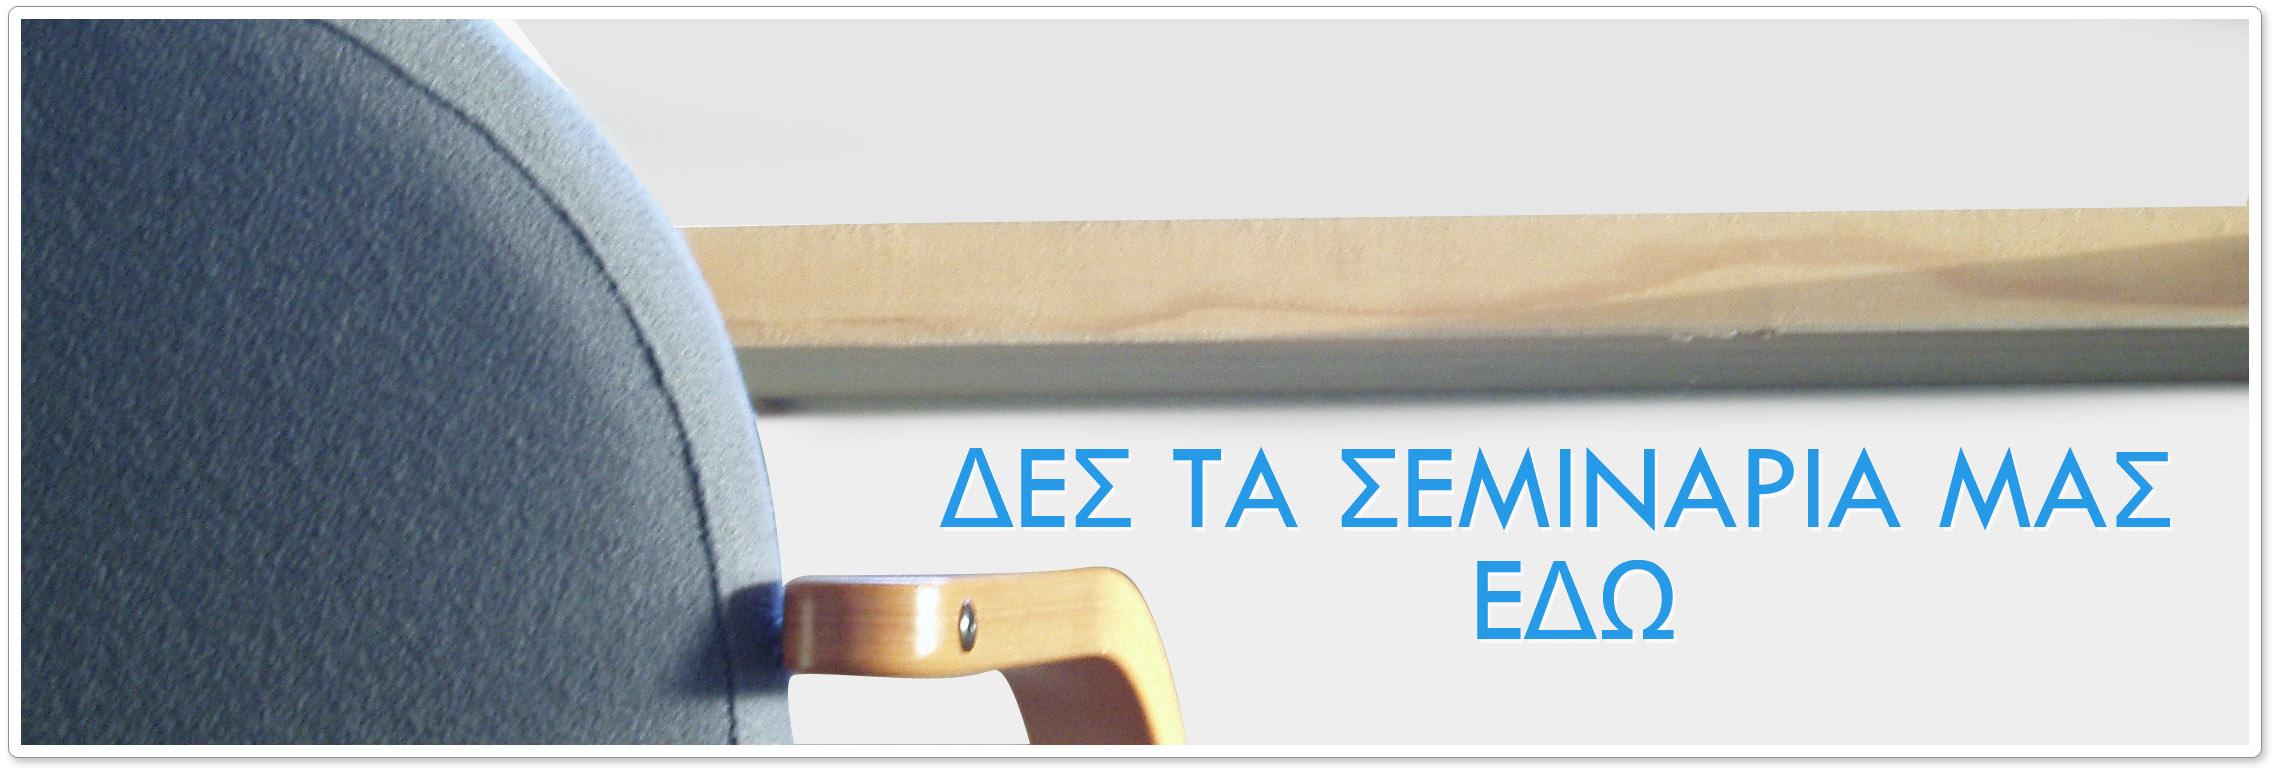 des_ta_seminaria_mas_edw2